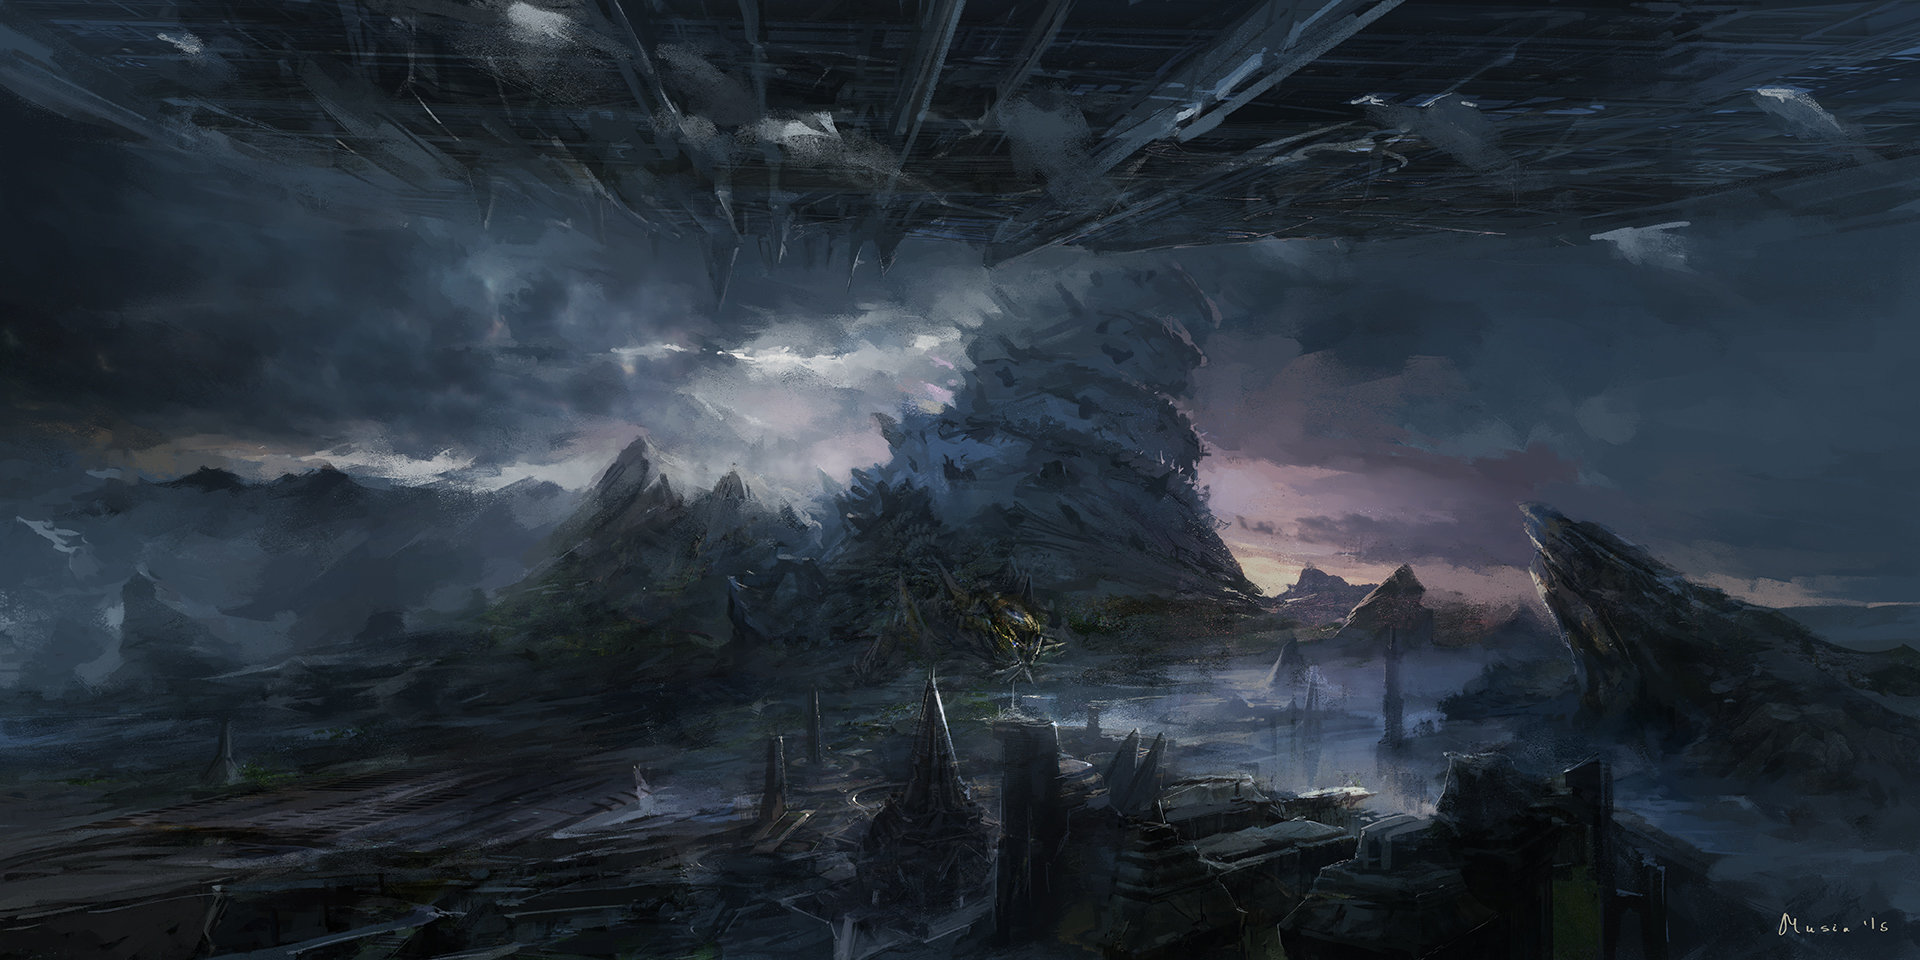 Sergey musin sci fi landscape